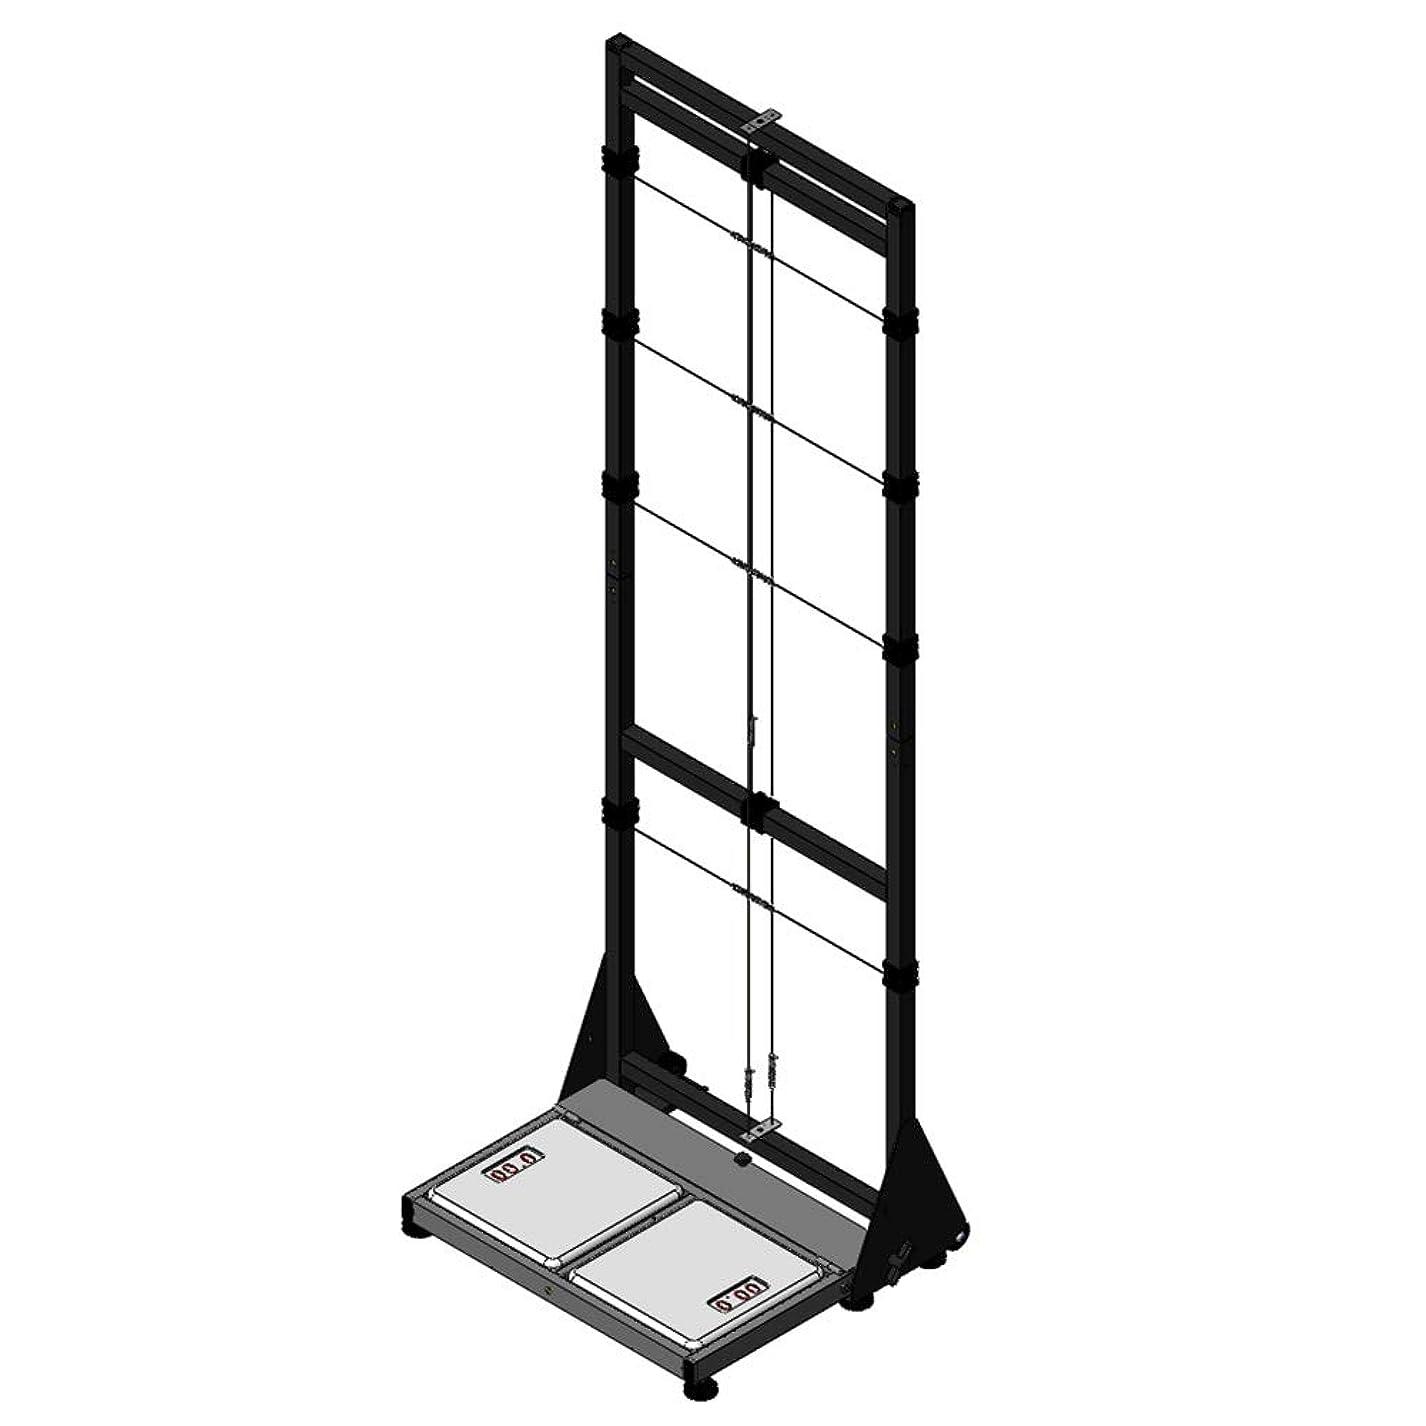 クリップ蝶建築家混合したエサキオリジナル 姿勢分析器 (体重計式) 下肢の体重バランスを計測可能